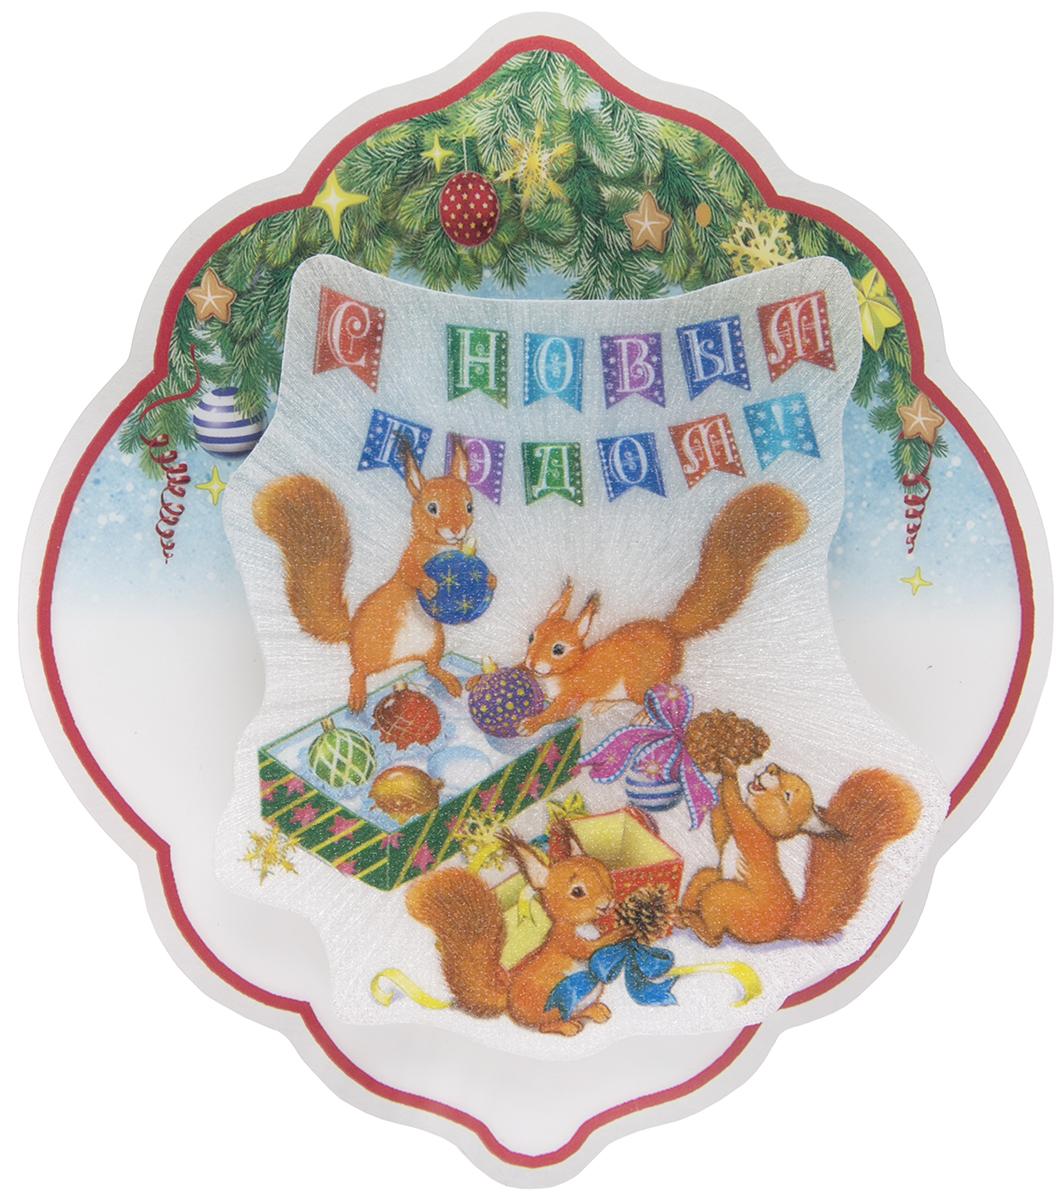 Новогоднее подвесное украшение Magic Time Белочки, с подсветкой76128Новогоднее украшение Magic Time со светодиодной подсветкой, выполненное из ПВХ, отлично подойдет для декорации вашего дома и новогодней ели. С помощью специальной петельки украшение можно повесить в любом понравившемся вам месте. Но, конечно, удачнее всего оно будет смотреться на праздничной елке. Елочная игрушка - символ Нового года. Она несет в себе волшебство и красоту праздника. Такое украшение создаст в вашем доме атмосферу праздника, веселья и радости. В комплекте элемент питания LR44, мощностью 0,06 Вт, напряжением 3 В.